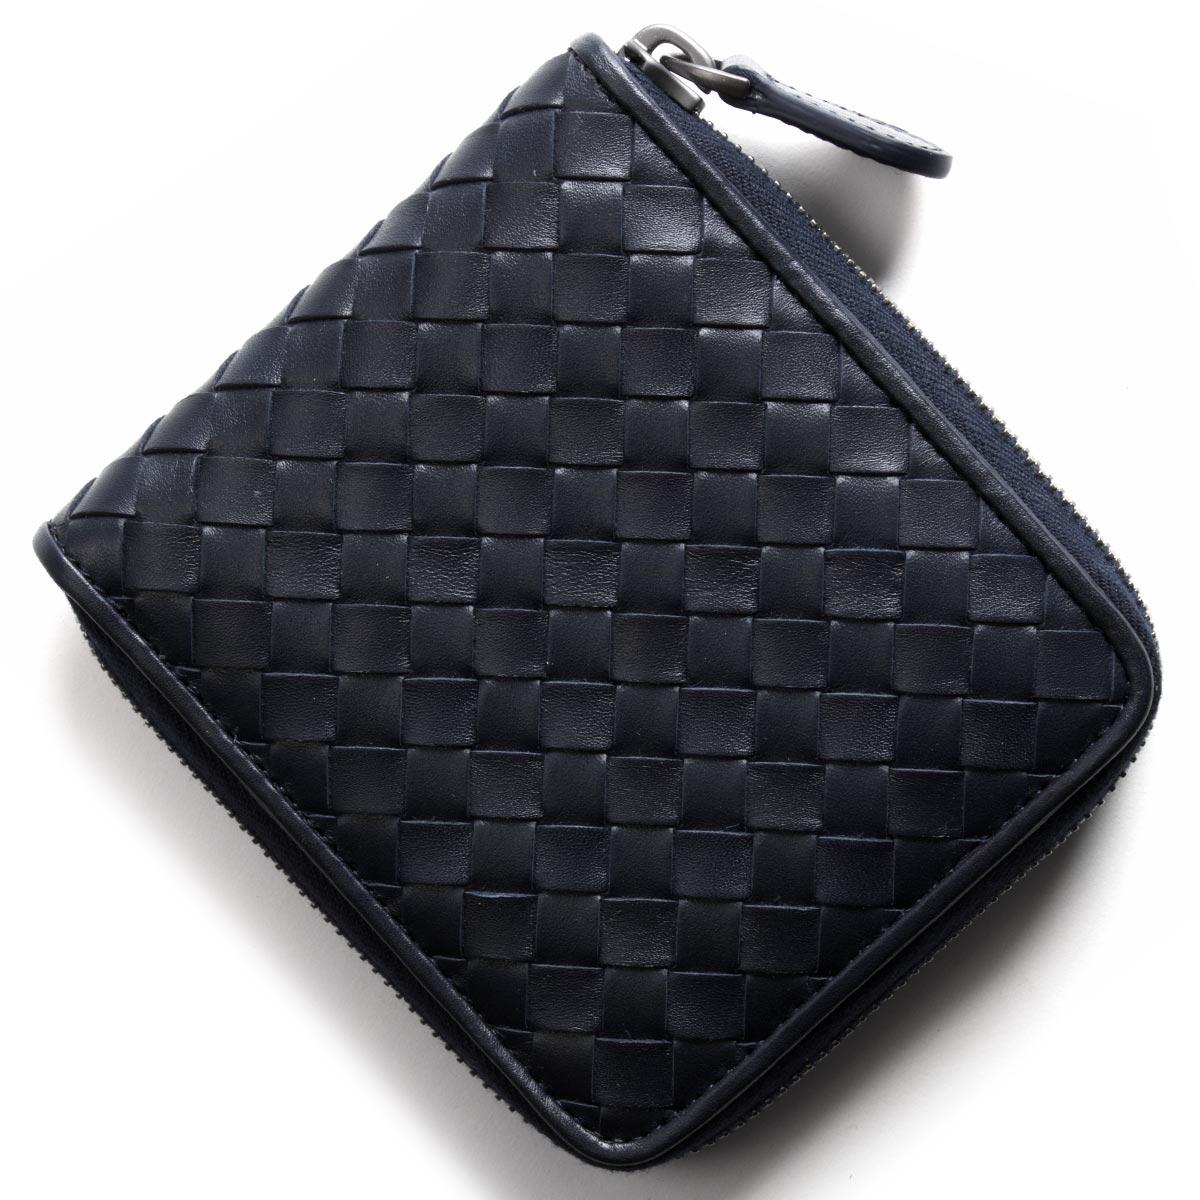 ボッテガヴェネタ,二つ折り財布